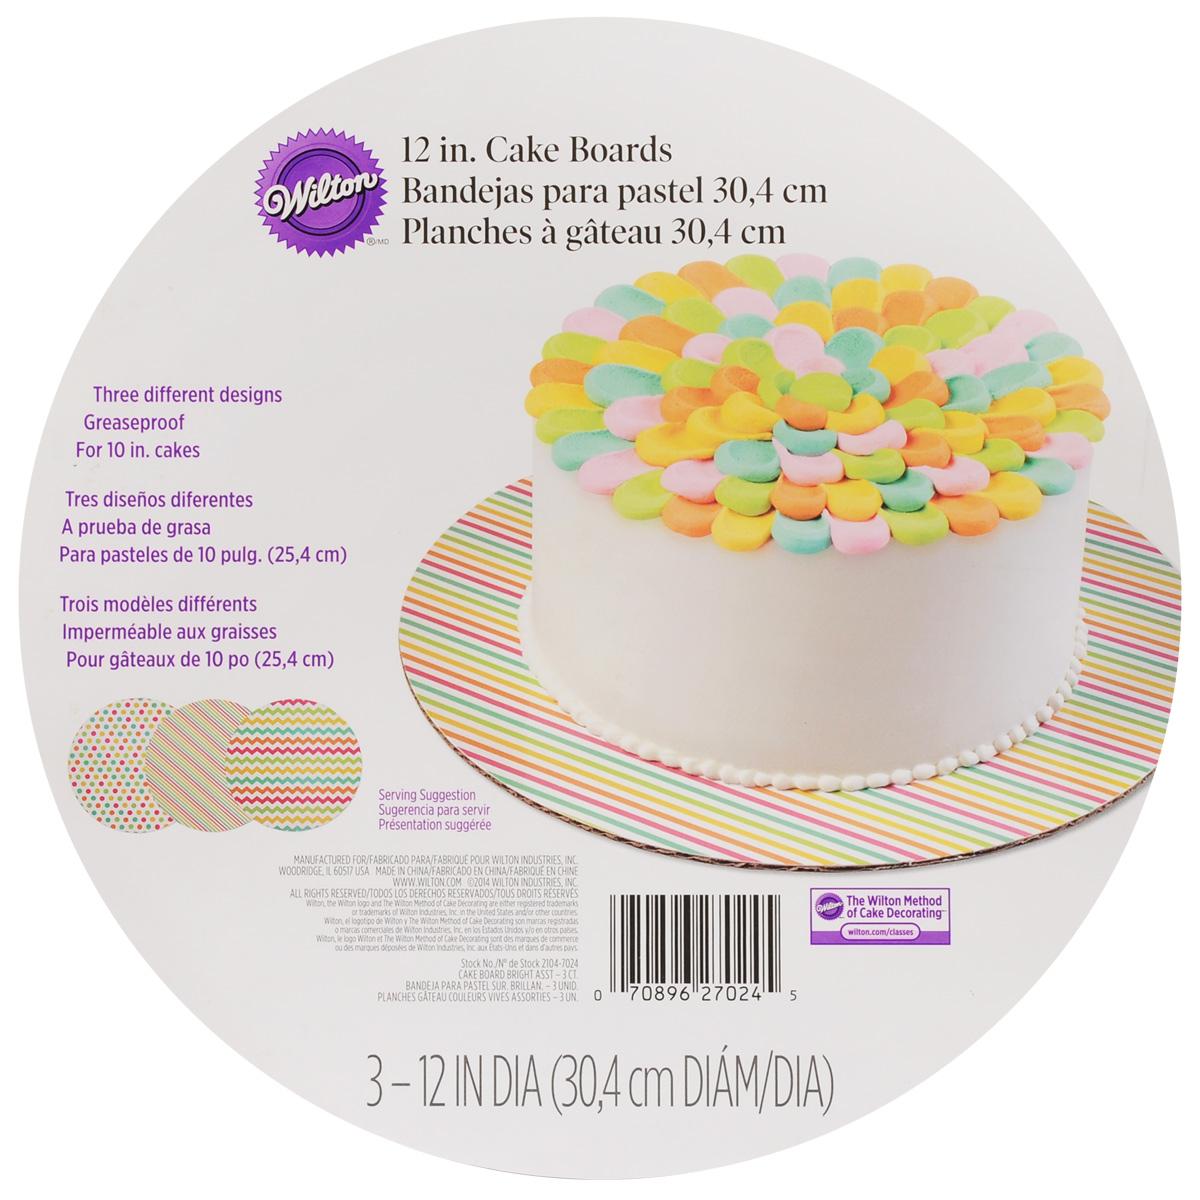 Основа для торта Wilton, диаметр 30,5 см, 3 штWLT-2104-7024Круглая основа для торта Wilton изготовлена из гофрированного картона с жиронепроницаемым покрытием, оформленным красочным принтом. Изделие предназначено для угощений и закусок (тортов, пирожных, канапе). Основа удобна для работы, перекладывания коржей, хранения и переноски торта. В комплекте 3 основы. Диаметр: 30,5 см.